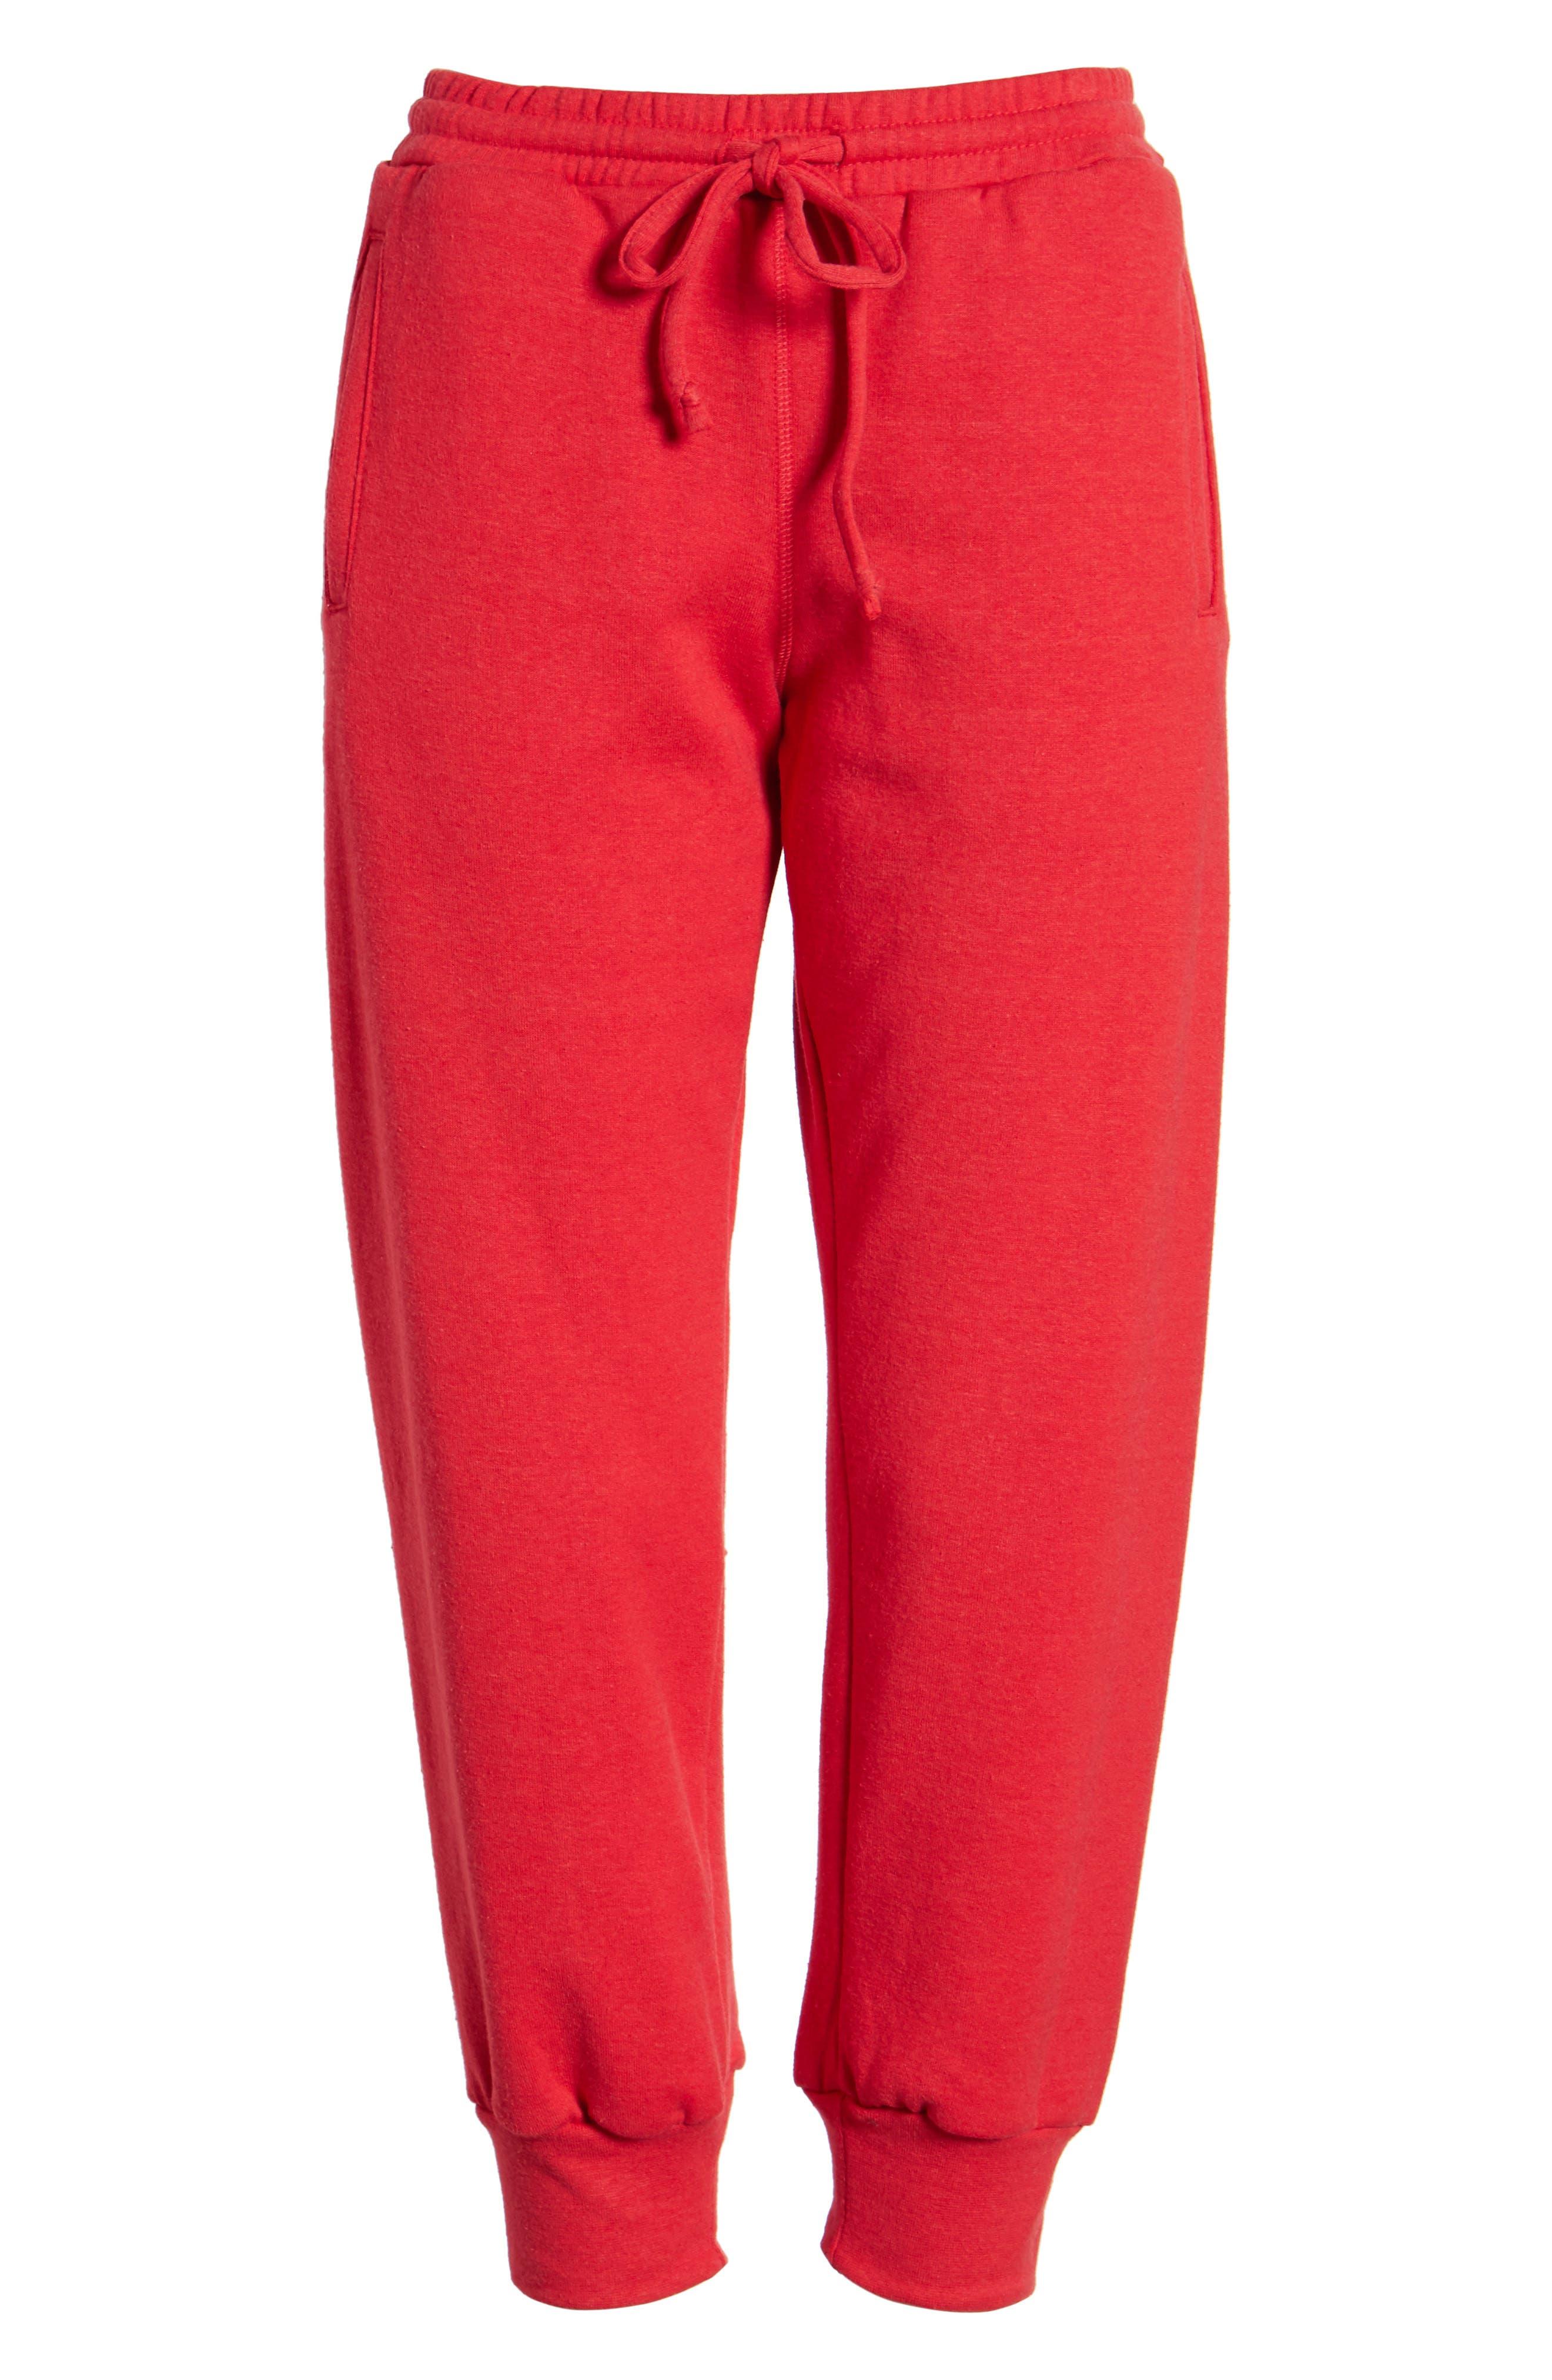 Cambridge Crop Sweatpants,                             Alternate thumbnail 7, color,                             Cherry